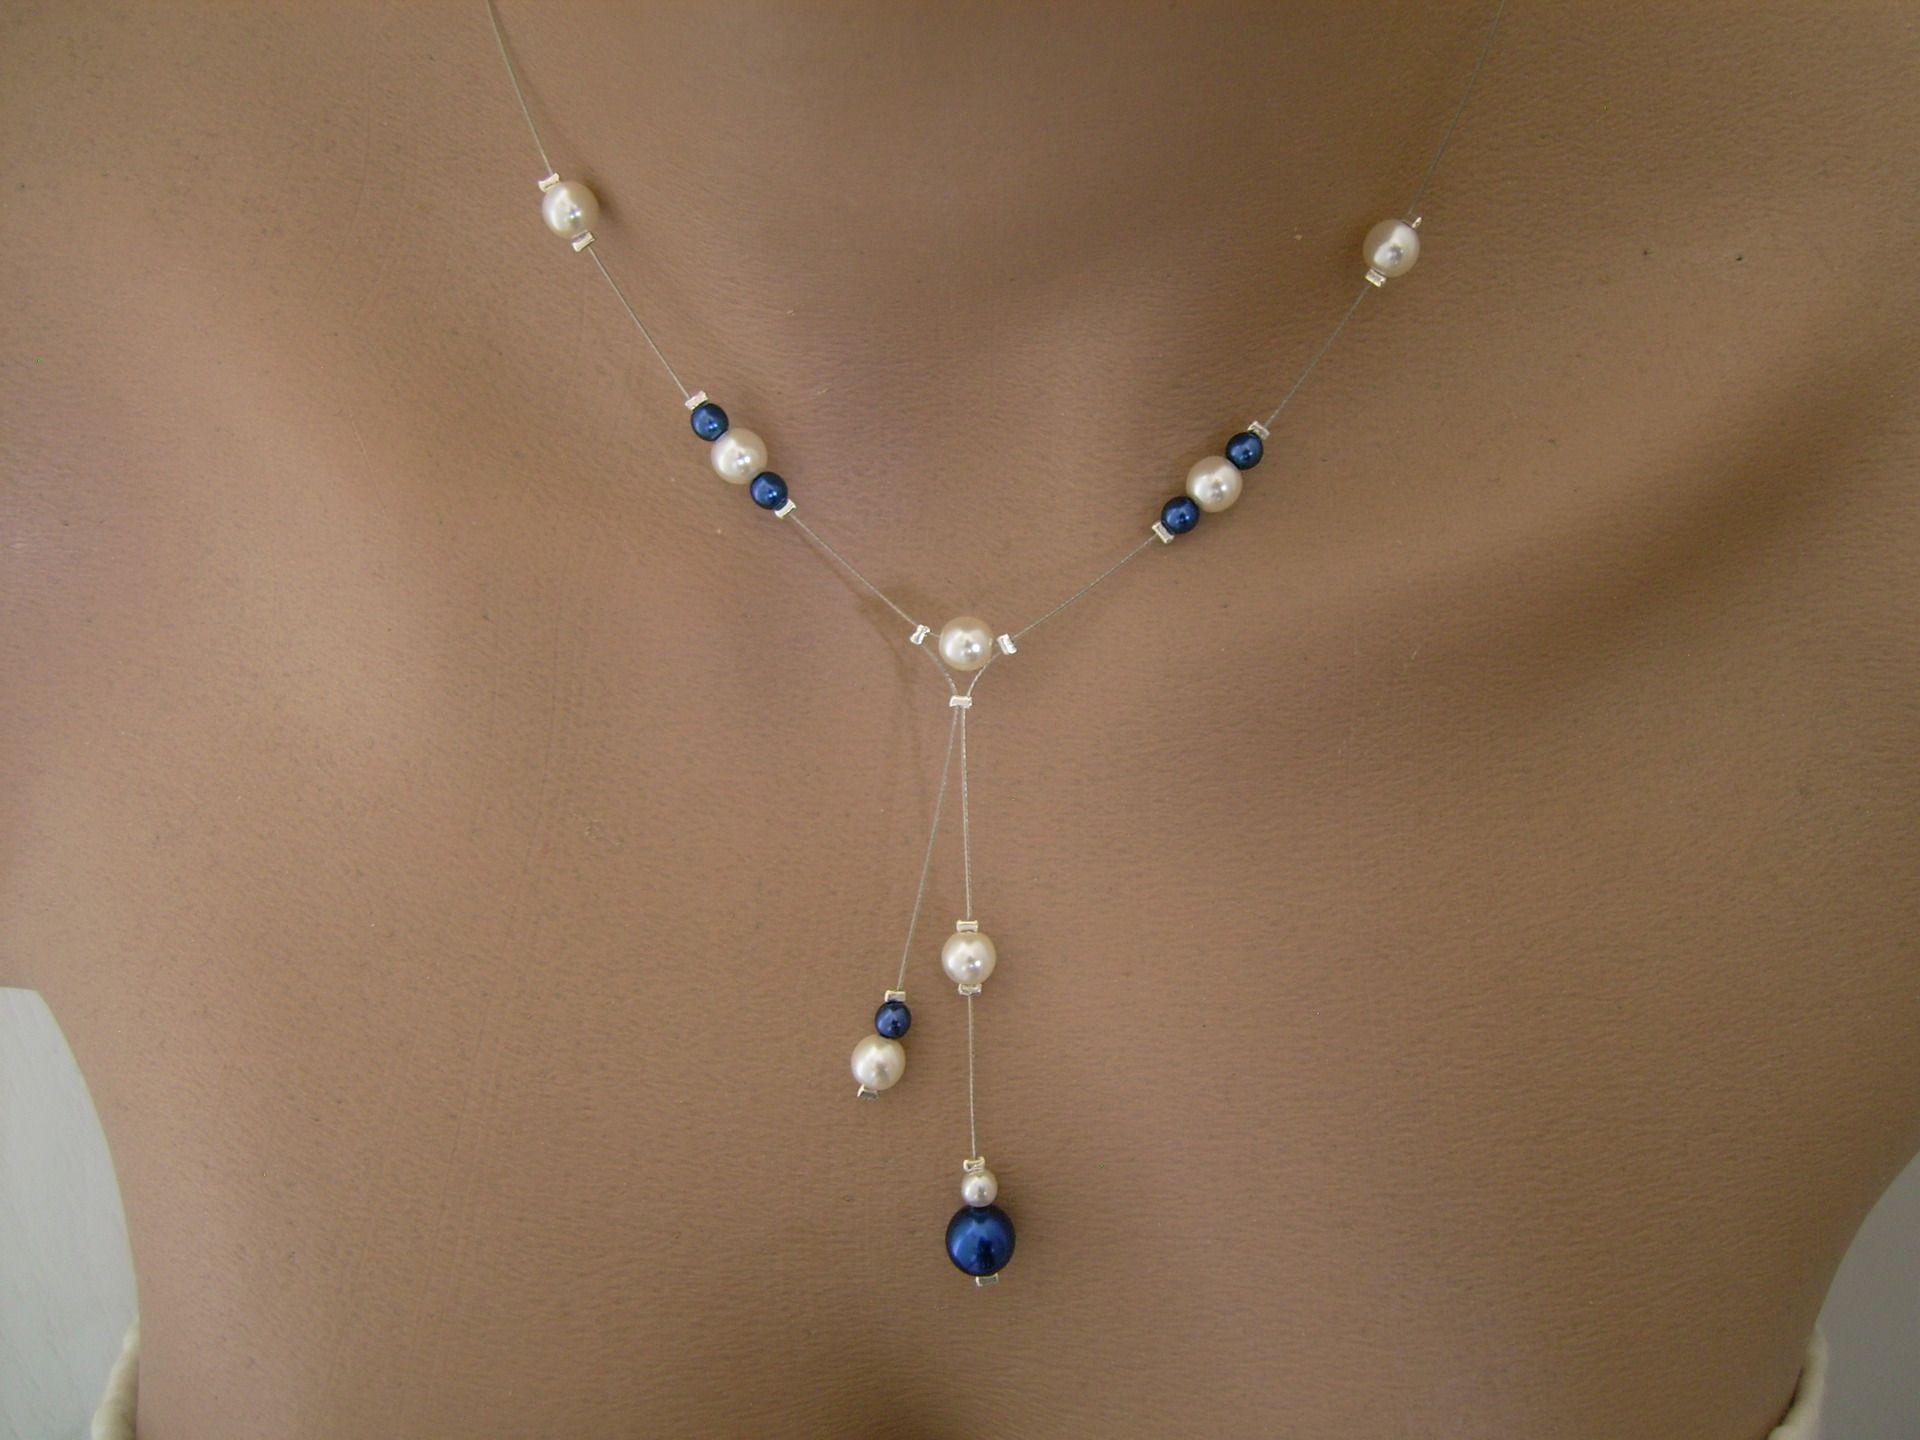 Collier Raffiné Délicat Original Ivoire Bleu Roi/ Marine/Foncé/Nuit ( dispo en Blanc/Bleu) p robe de Mariée/Mariage/Soirée perles de verre nacrées